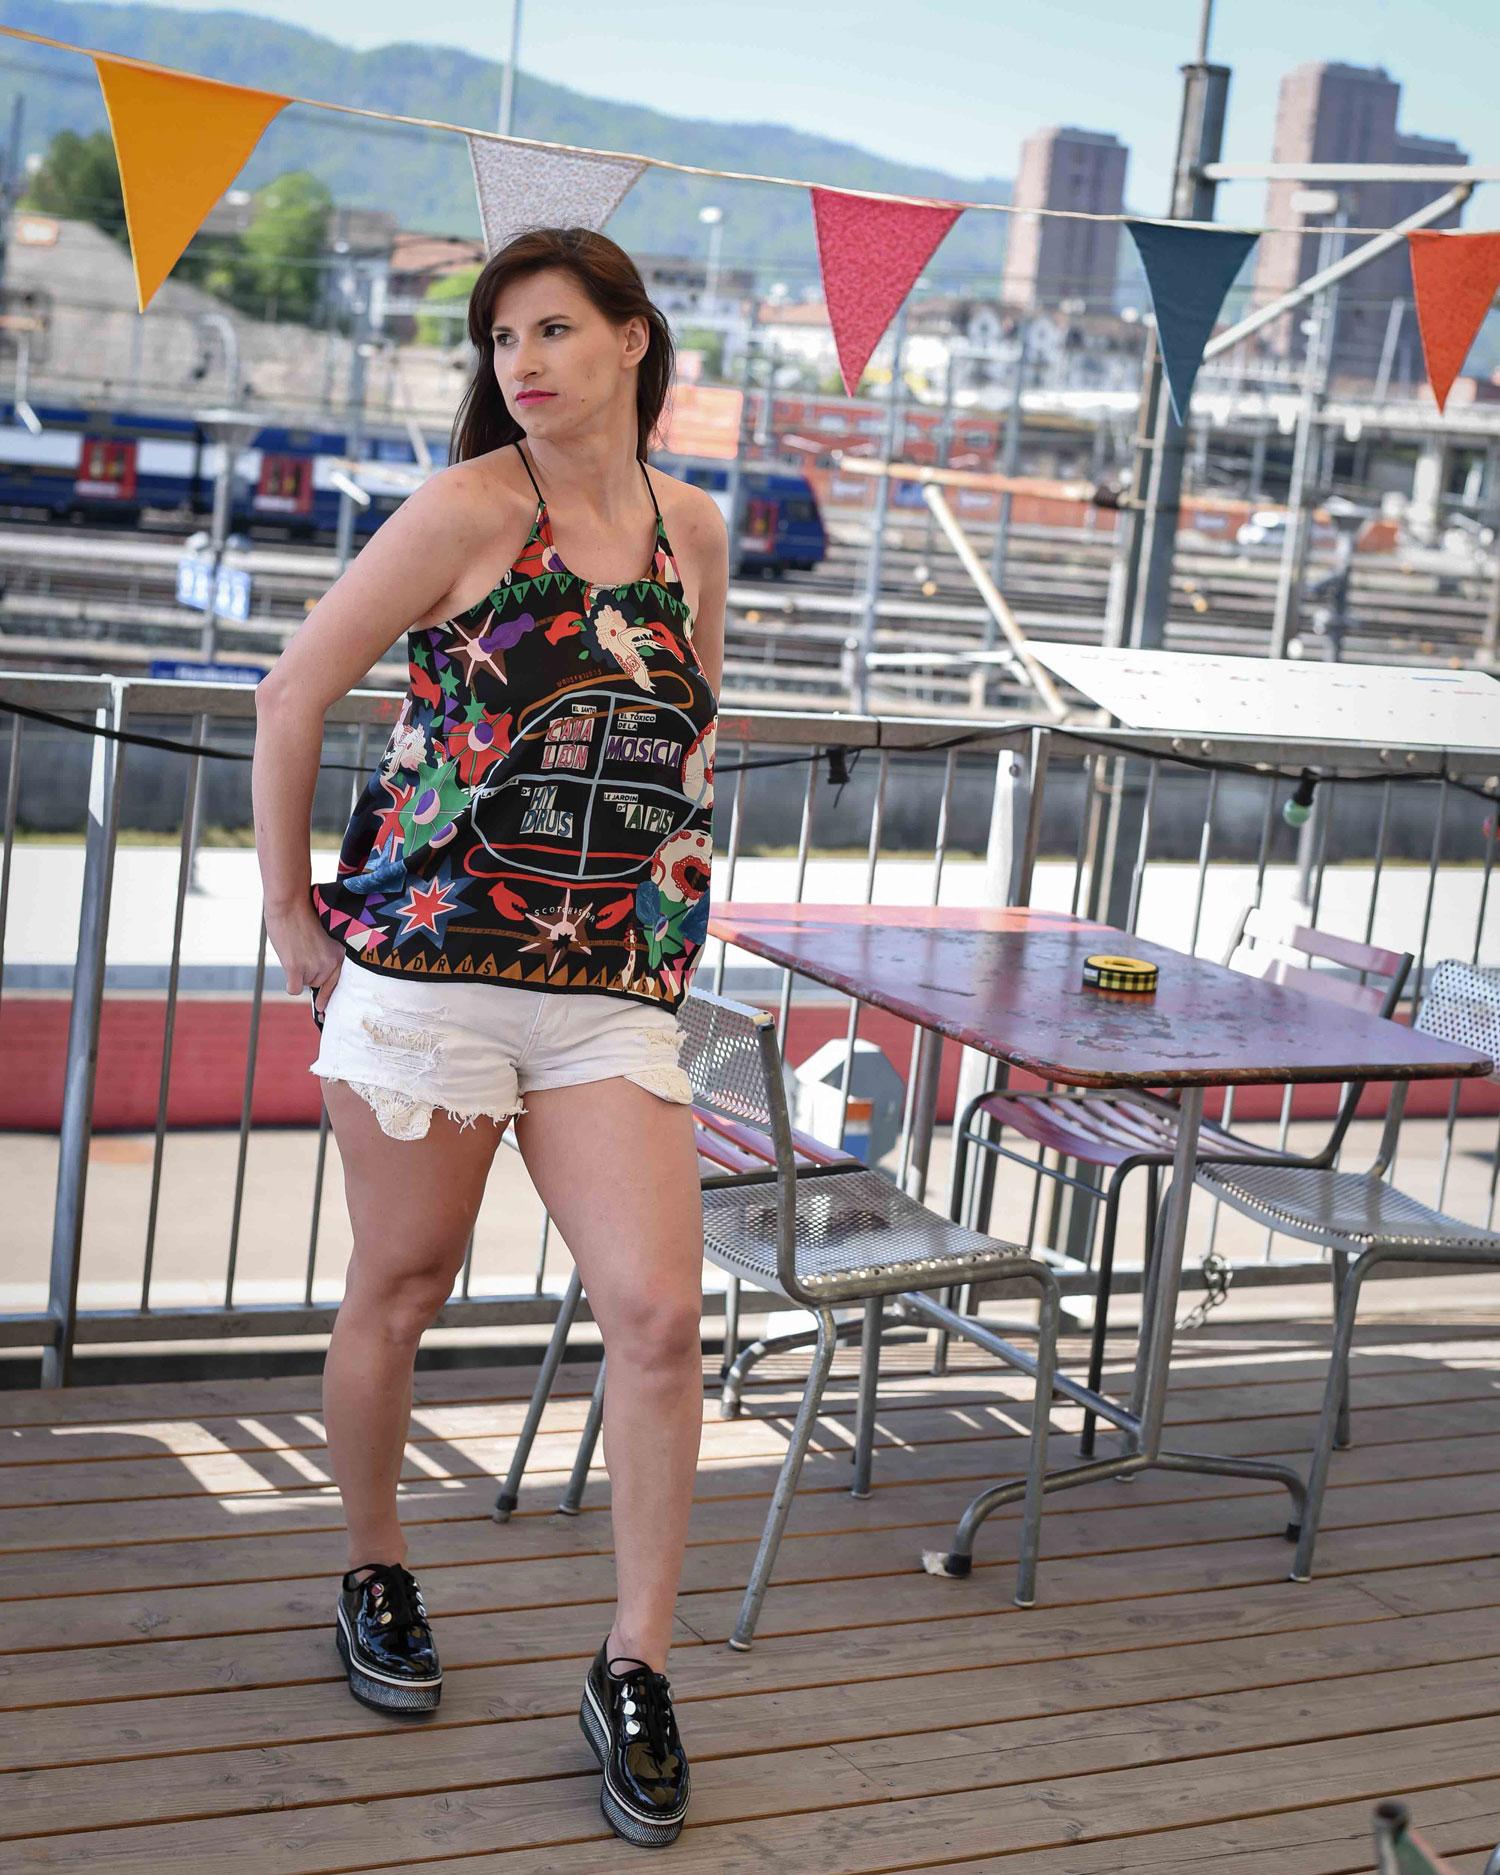 Shorts: von Hollister, Plateauschuhe von Zara, Top von Scotch & Soda, Dress-up Journal